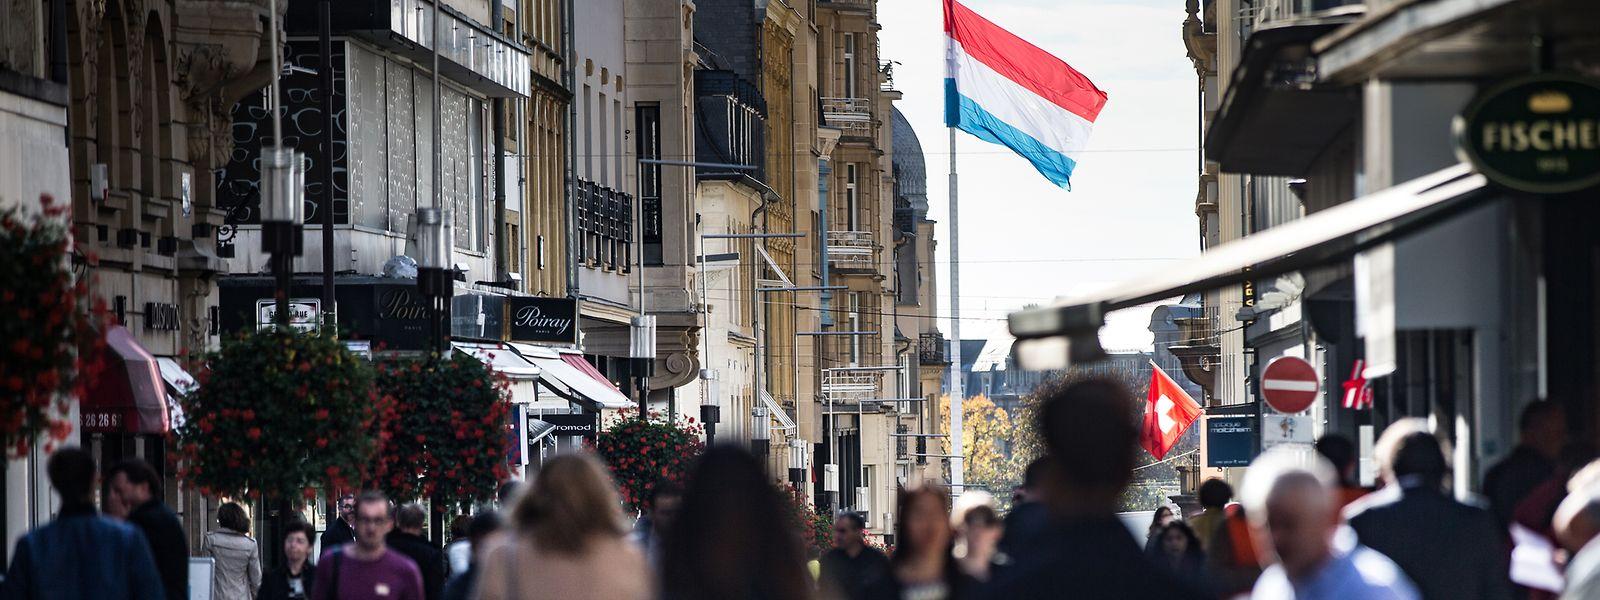 Au 1er janvier 2019, le Luxembourg comptait officiellement 613.894 habitants, selon le Statec.